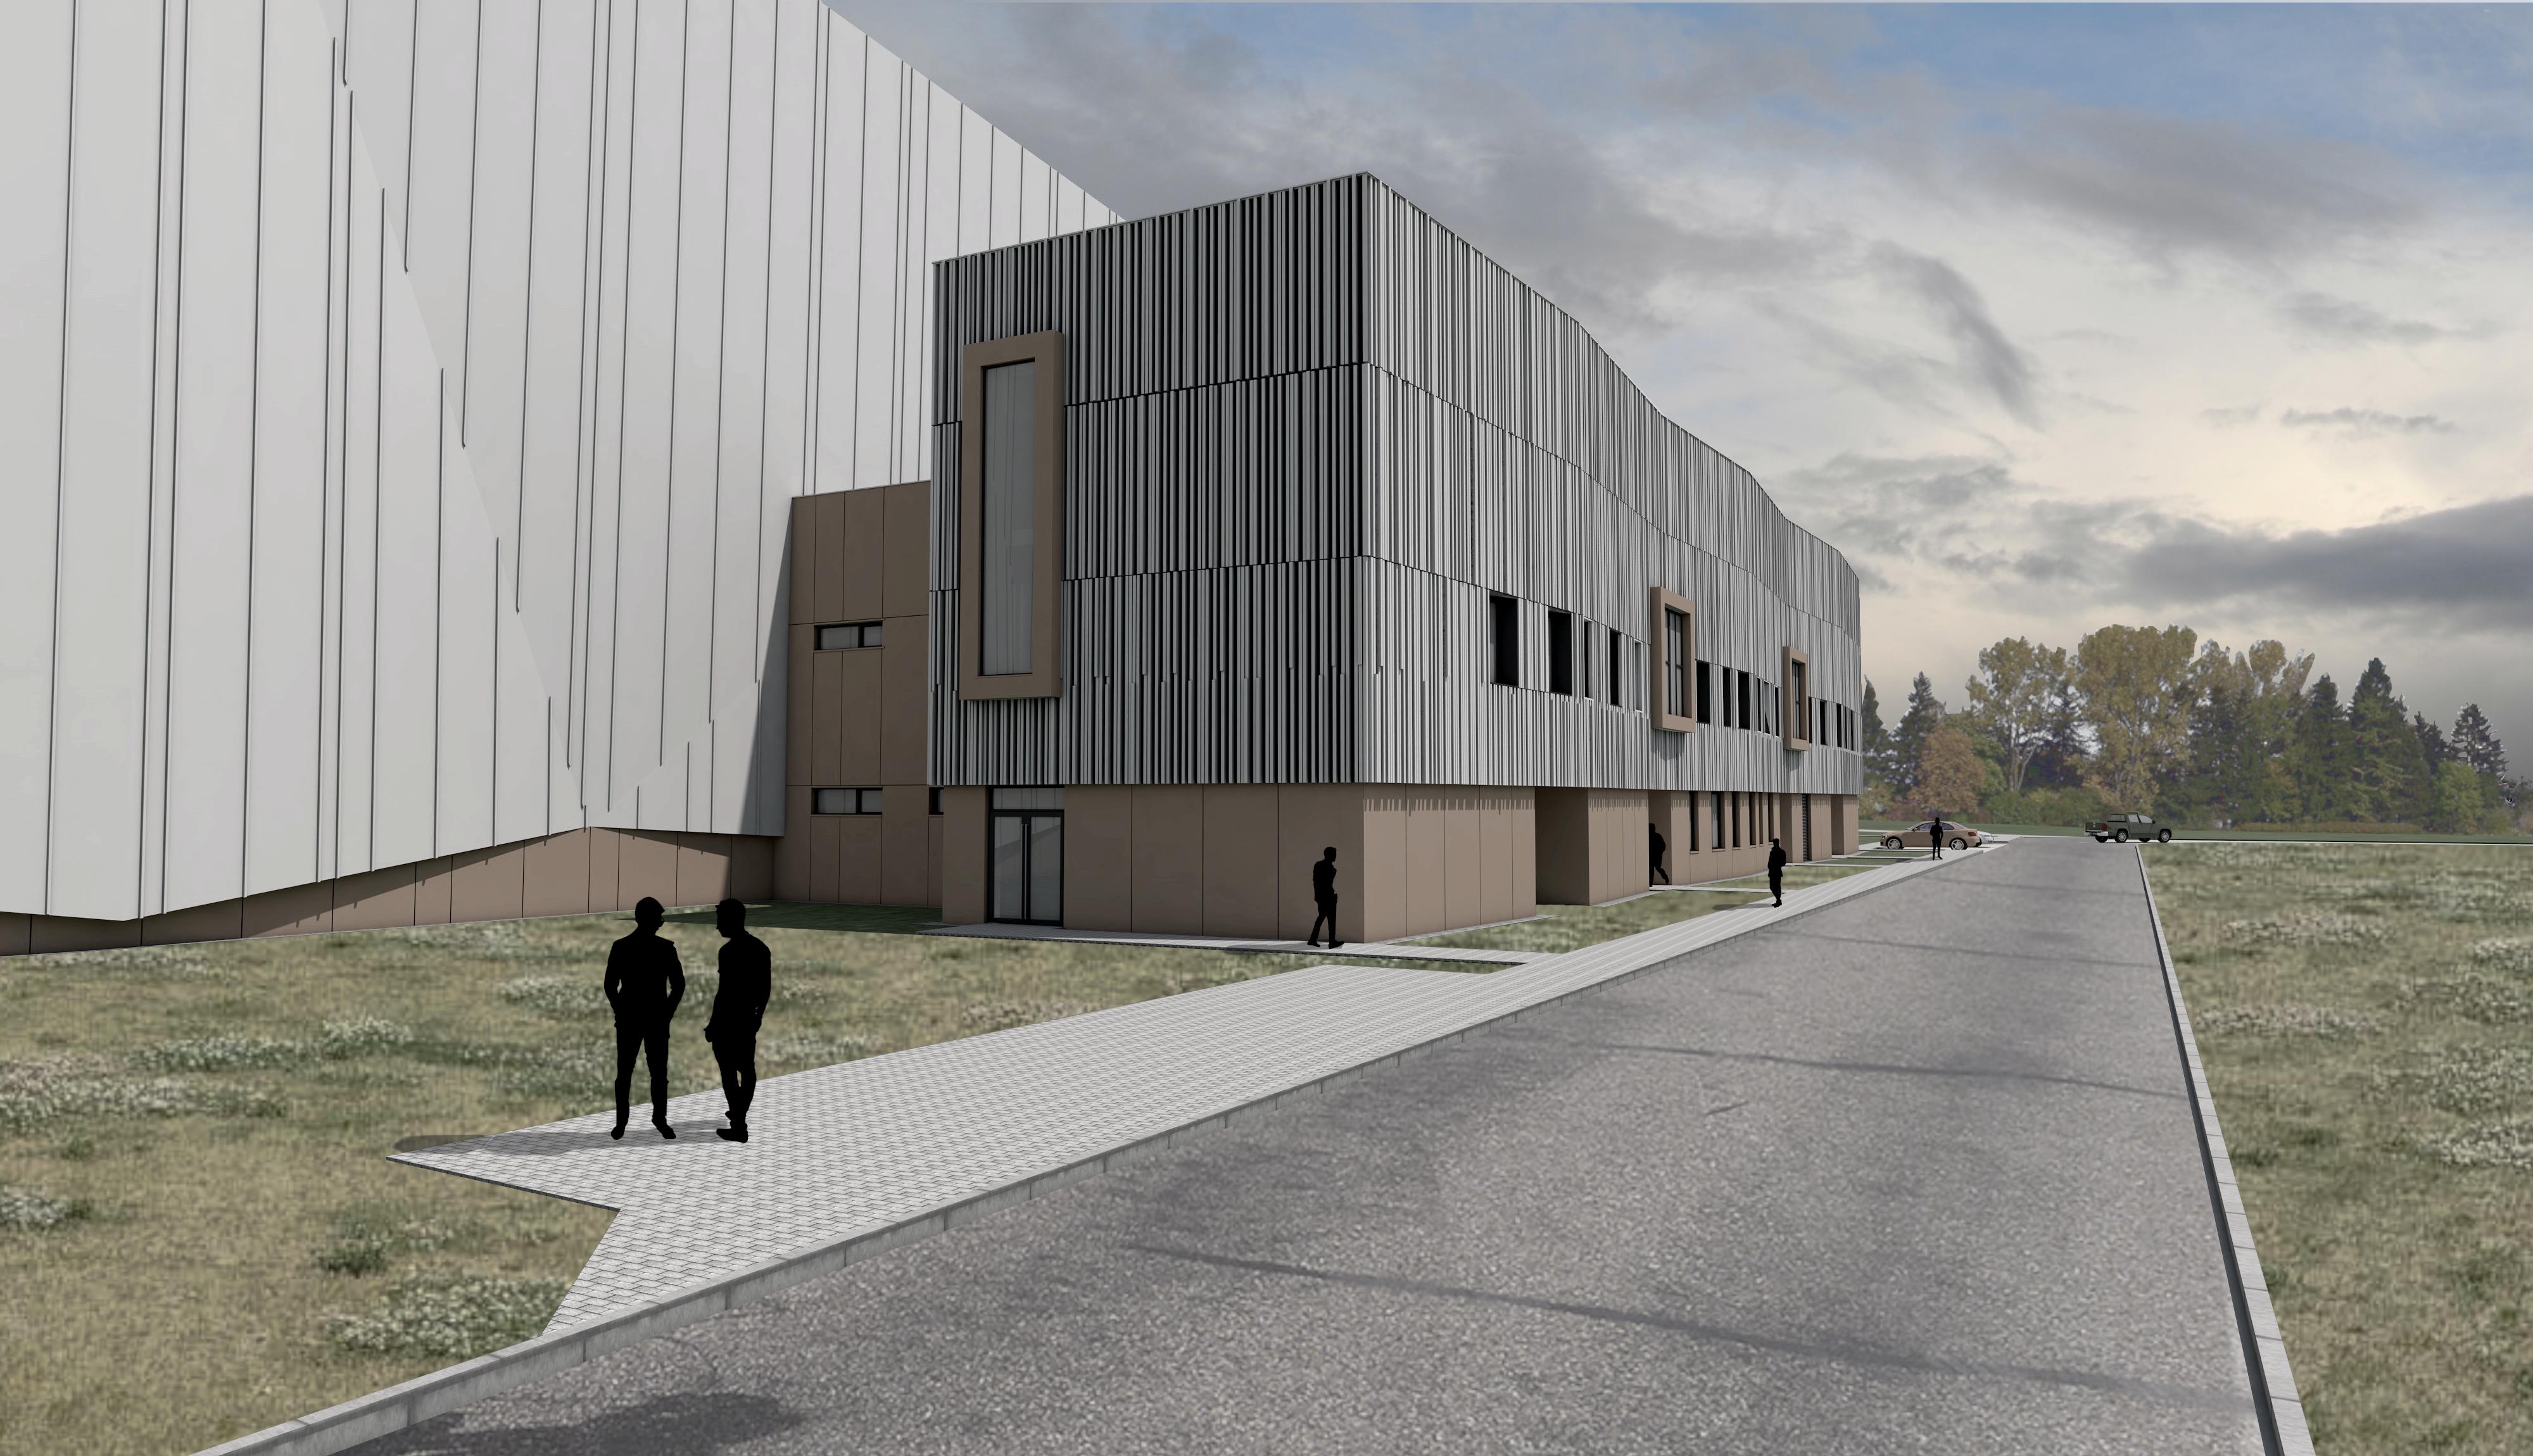 Projektbild 3, Neubau einer Halle für Luftfahrzeuge  |  Flugplatz Holzdorf